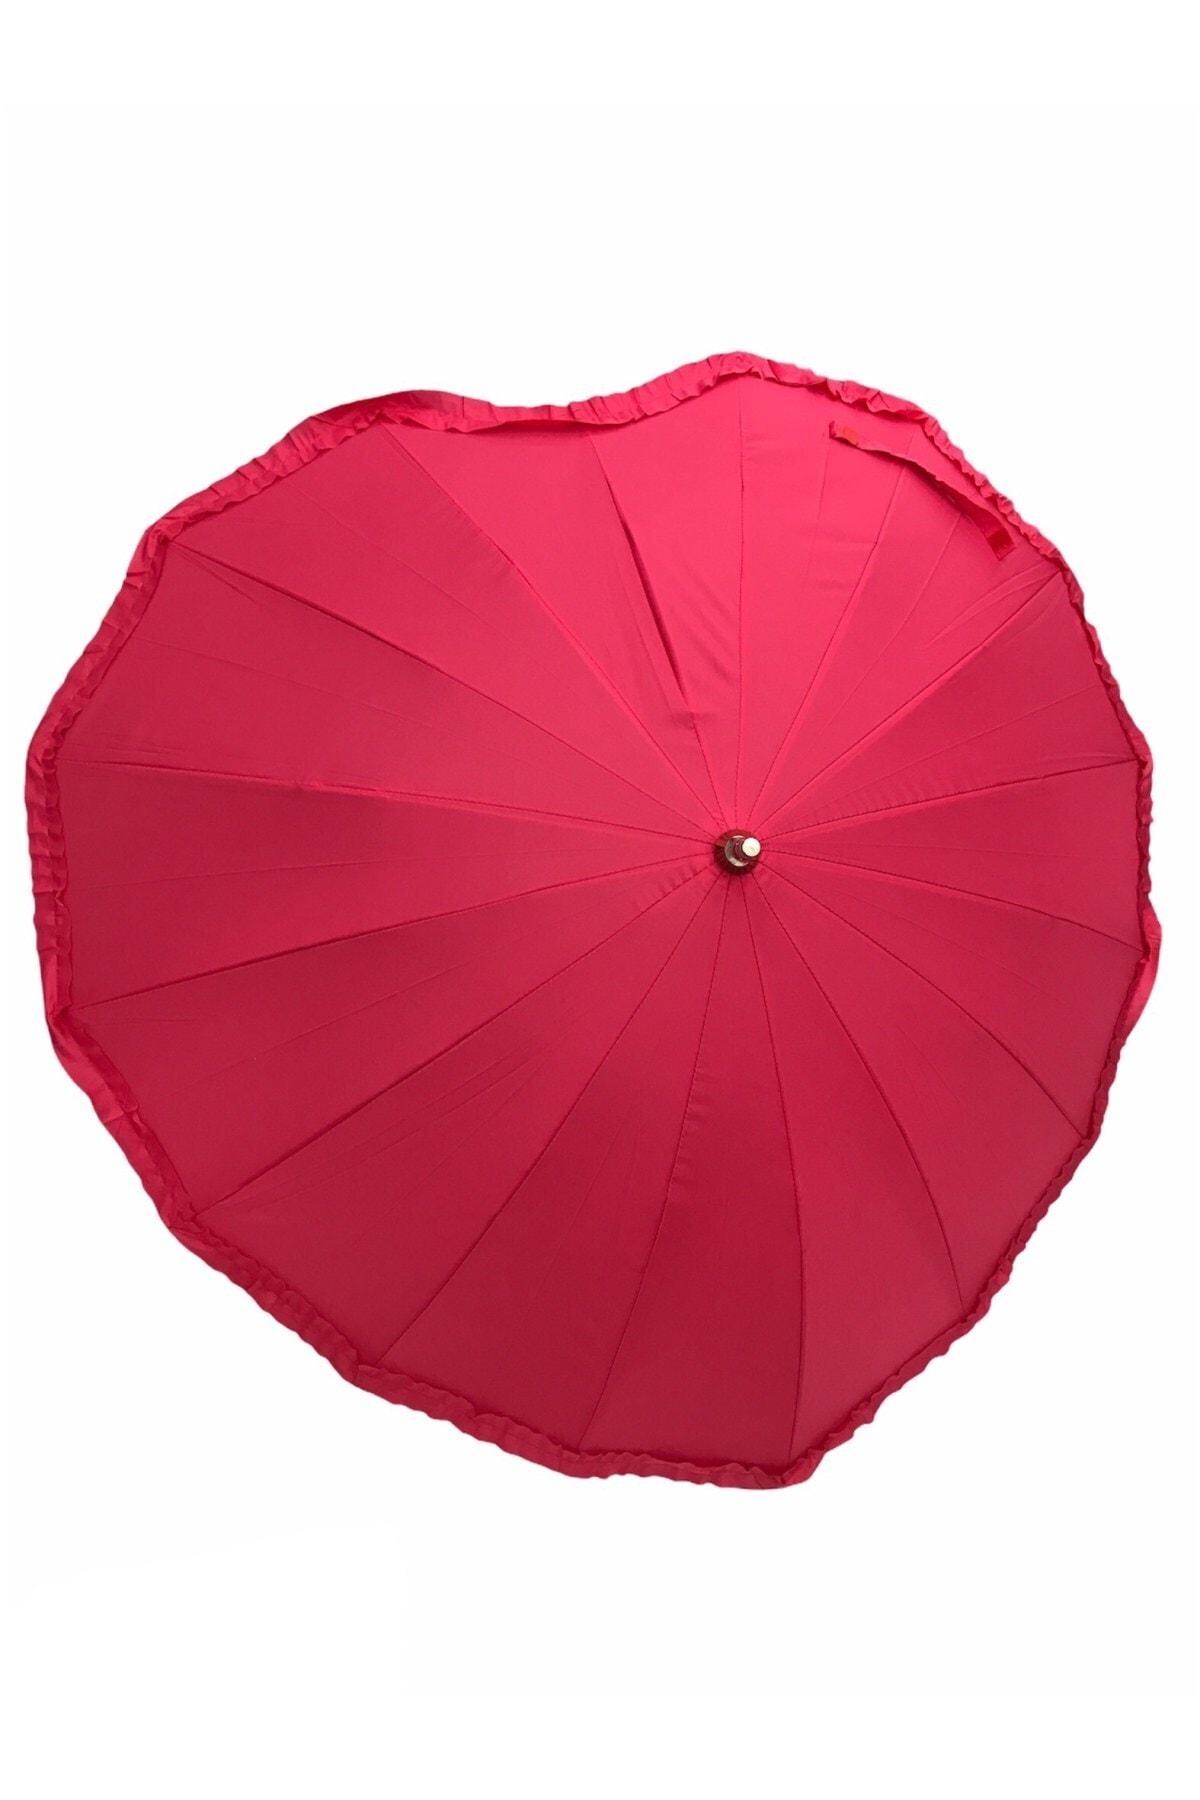 Almera Sevgililer Gününe Özel Kalpli Manuel 16 Telli Şemsiye 1